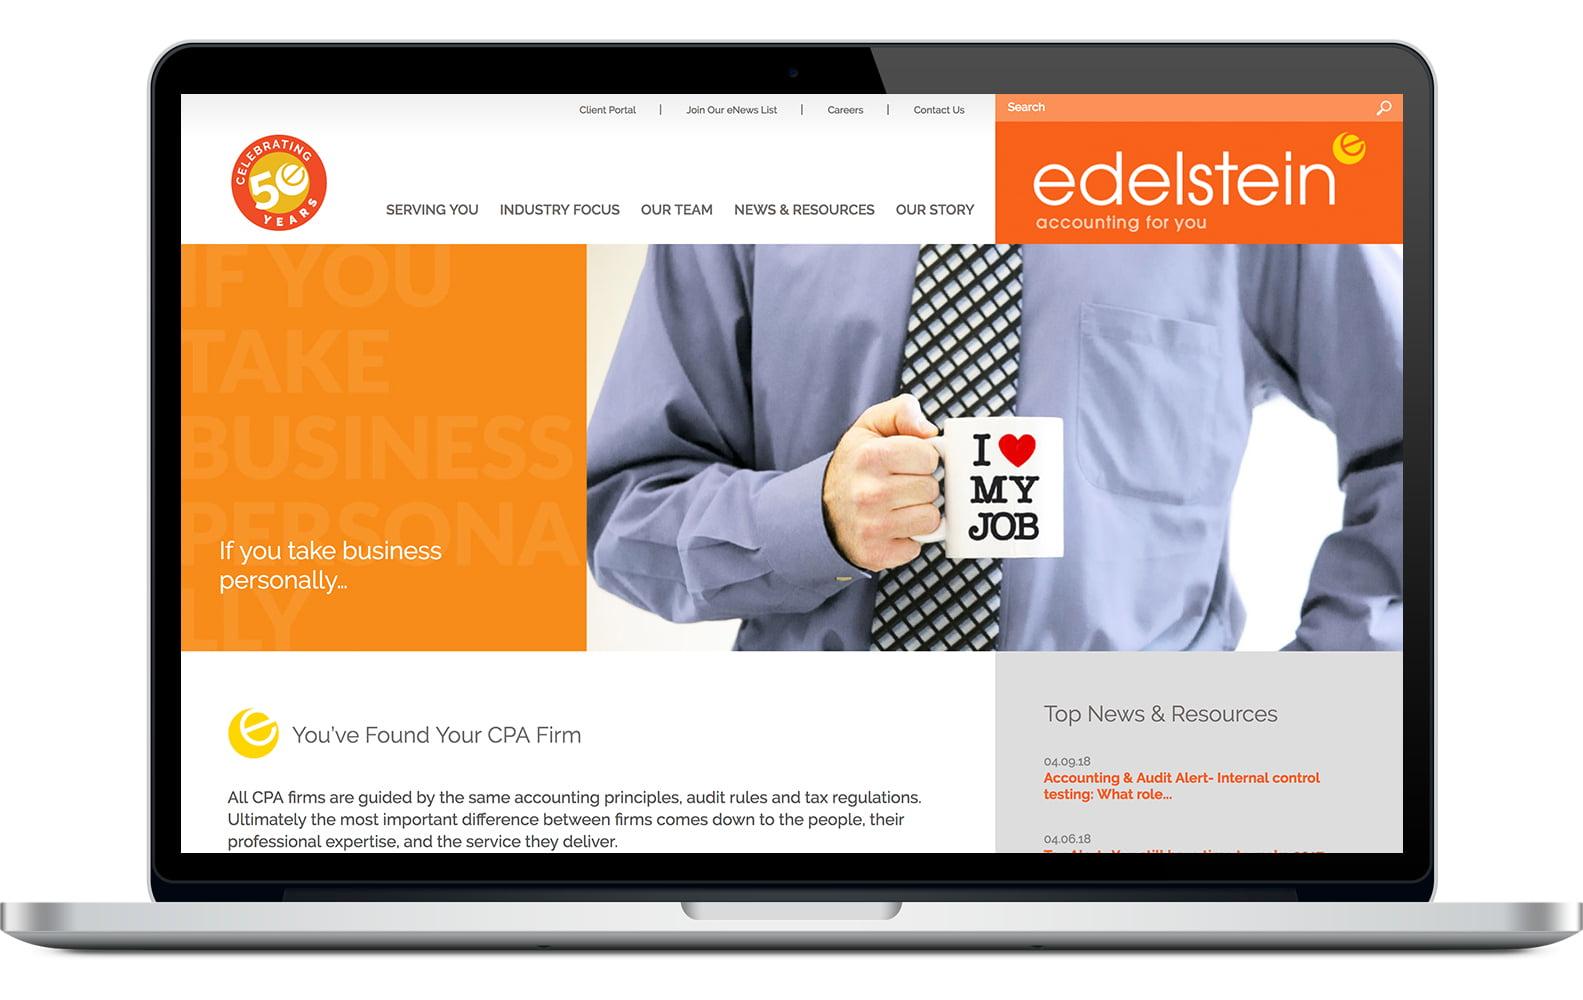 Edelstein After